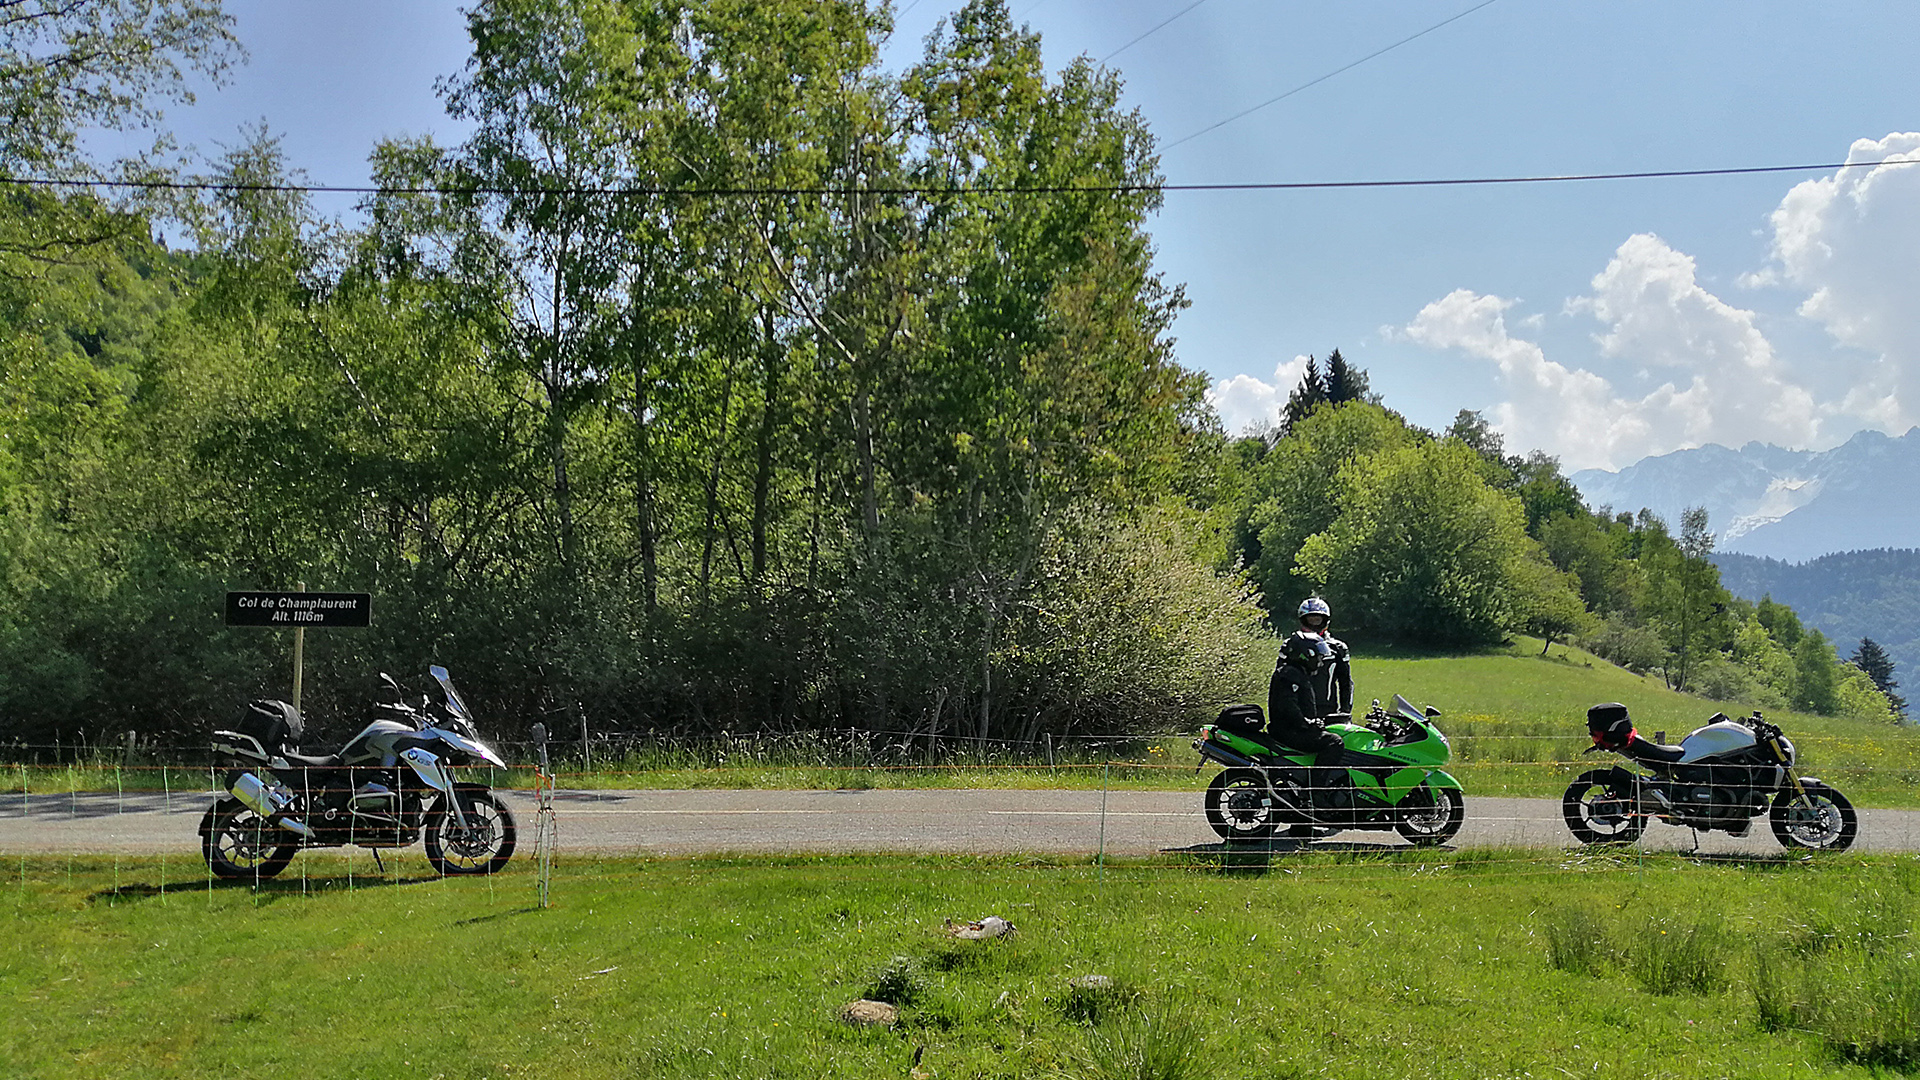 1116 - F - Col de Champlaurent